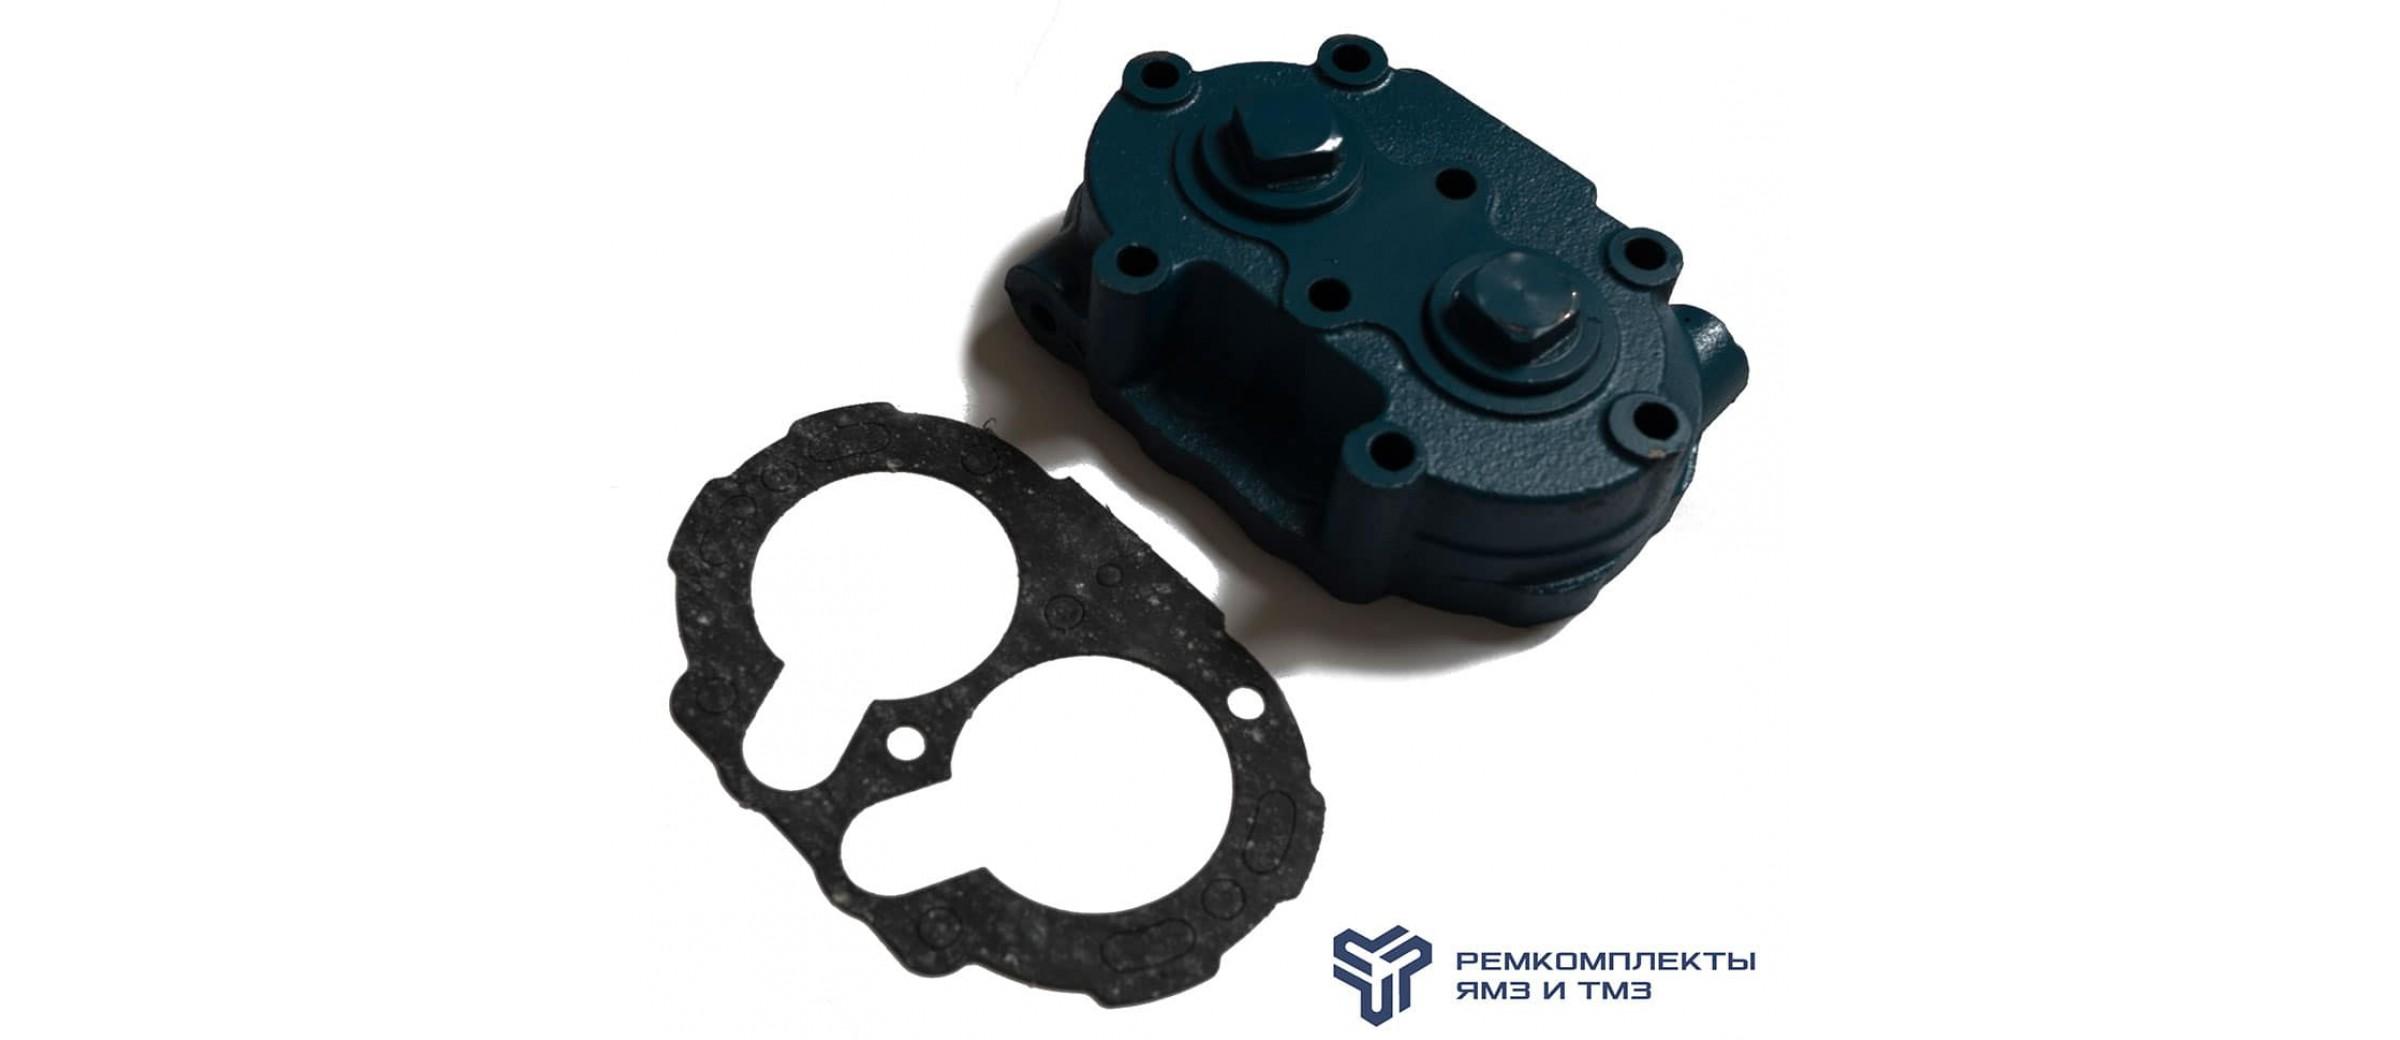 Ремкомплект для замены головки компрессора (130, 5320)